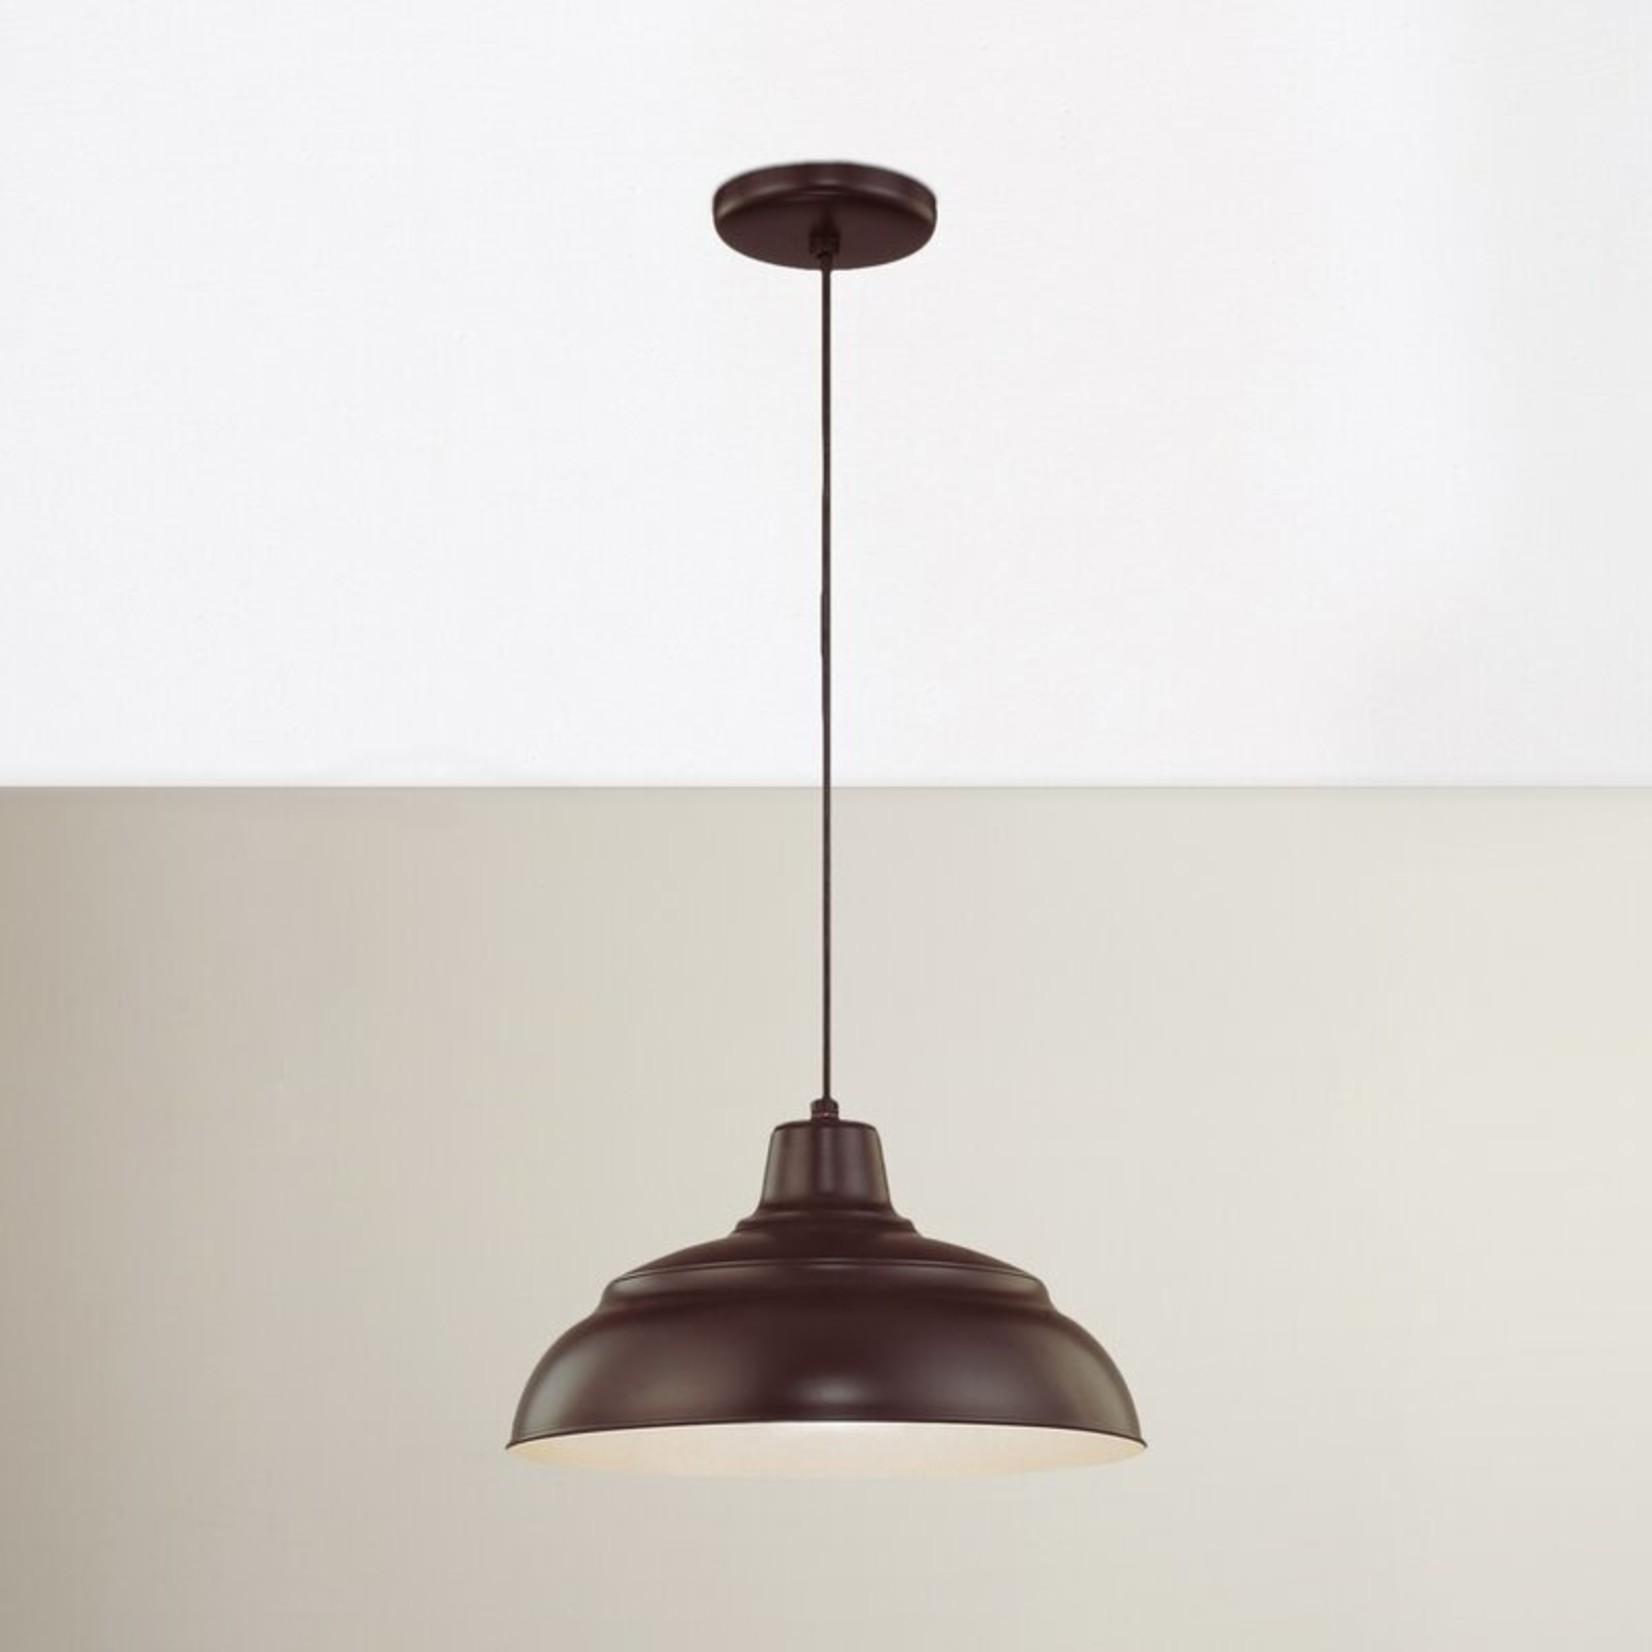 *Decastro 1 - Light Single Dome Pendant - Architectural Bronze